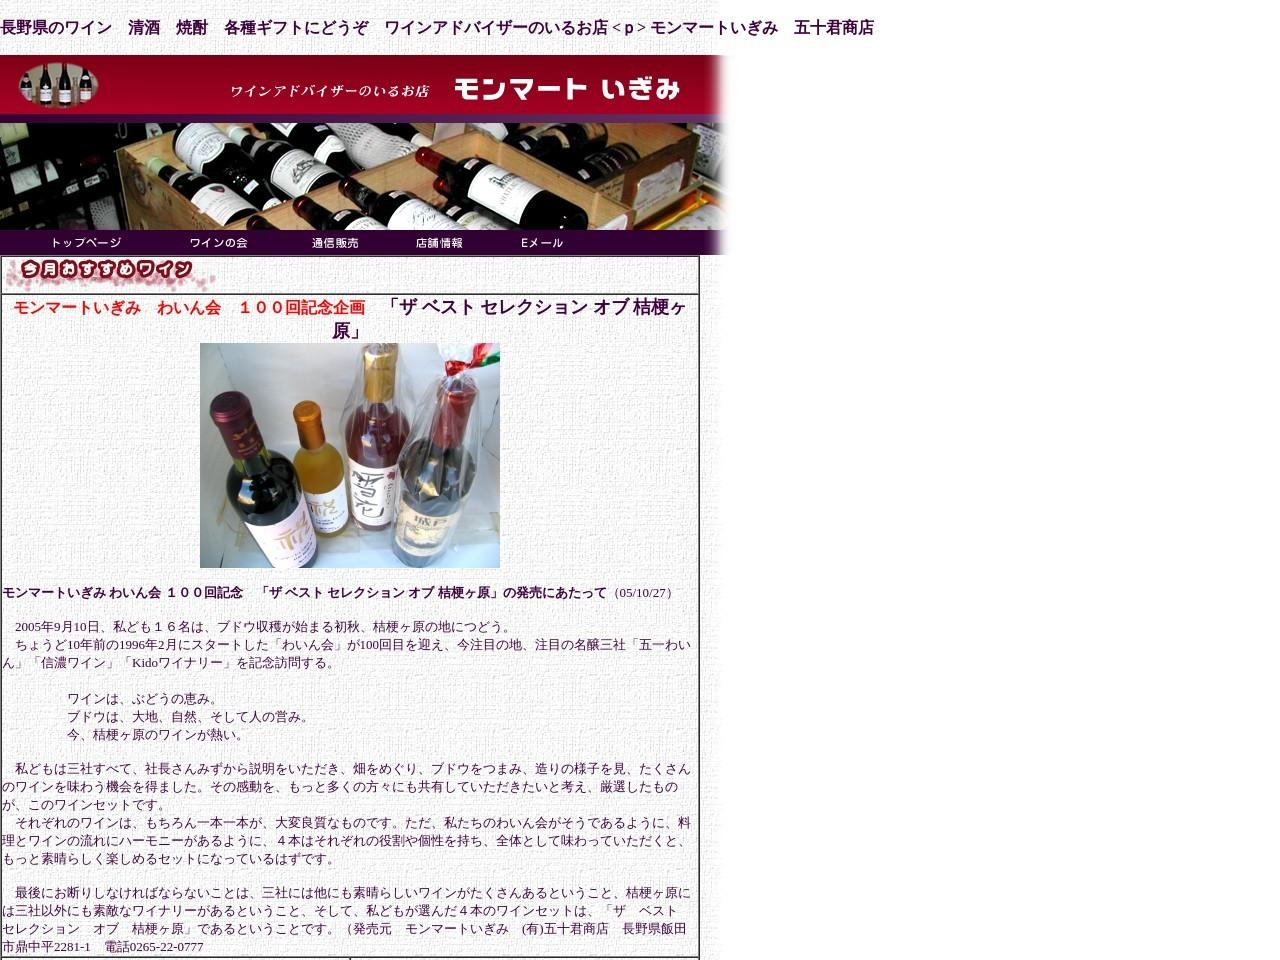 長野県のワイン 清酒 芋焼酎 御歳暮ギフトにどうぞ ワインアドバイザーのいるお店モンマートいぎみ 五十君商店